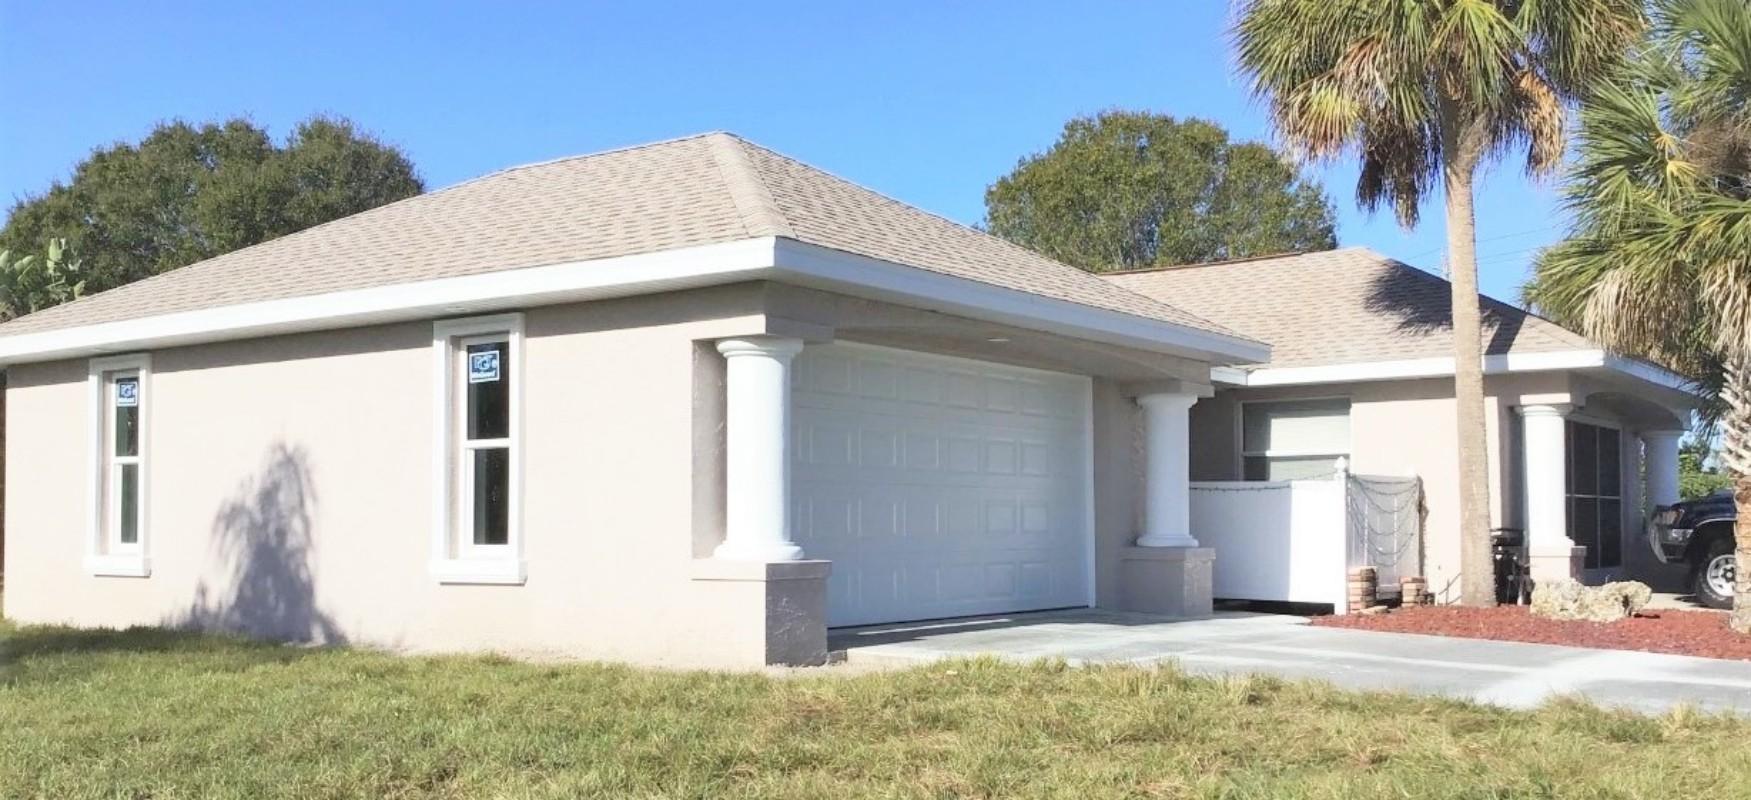 Brobst-builder-North-Port-FL-garage-addition